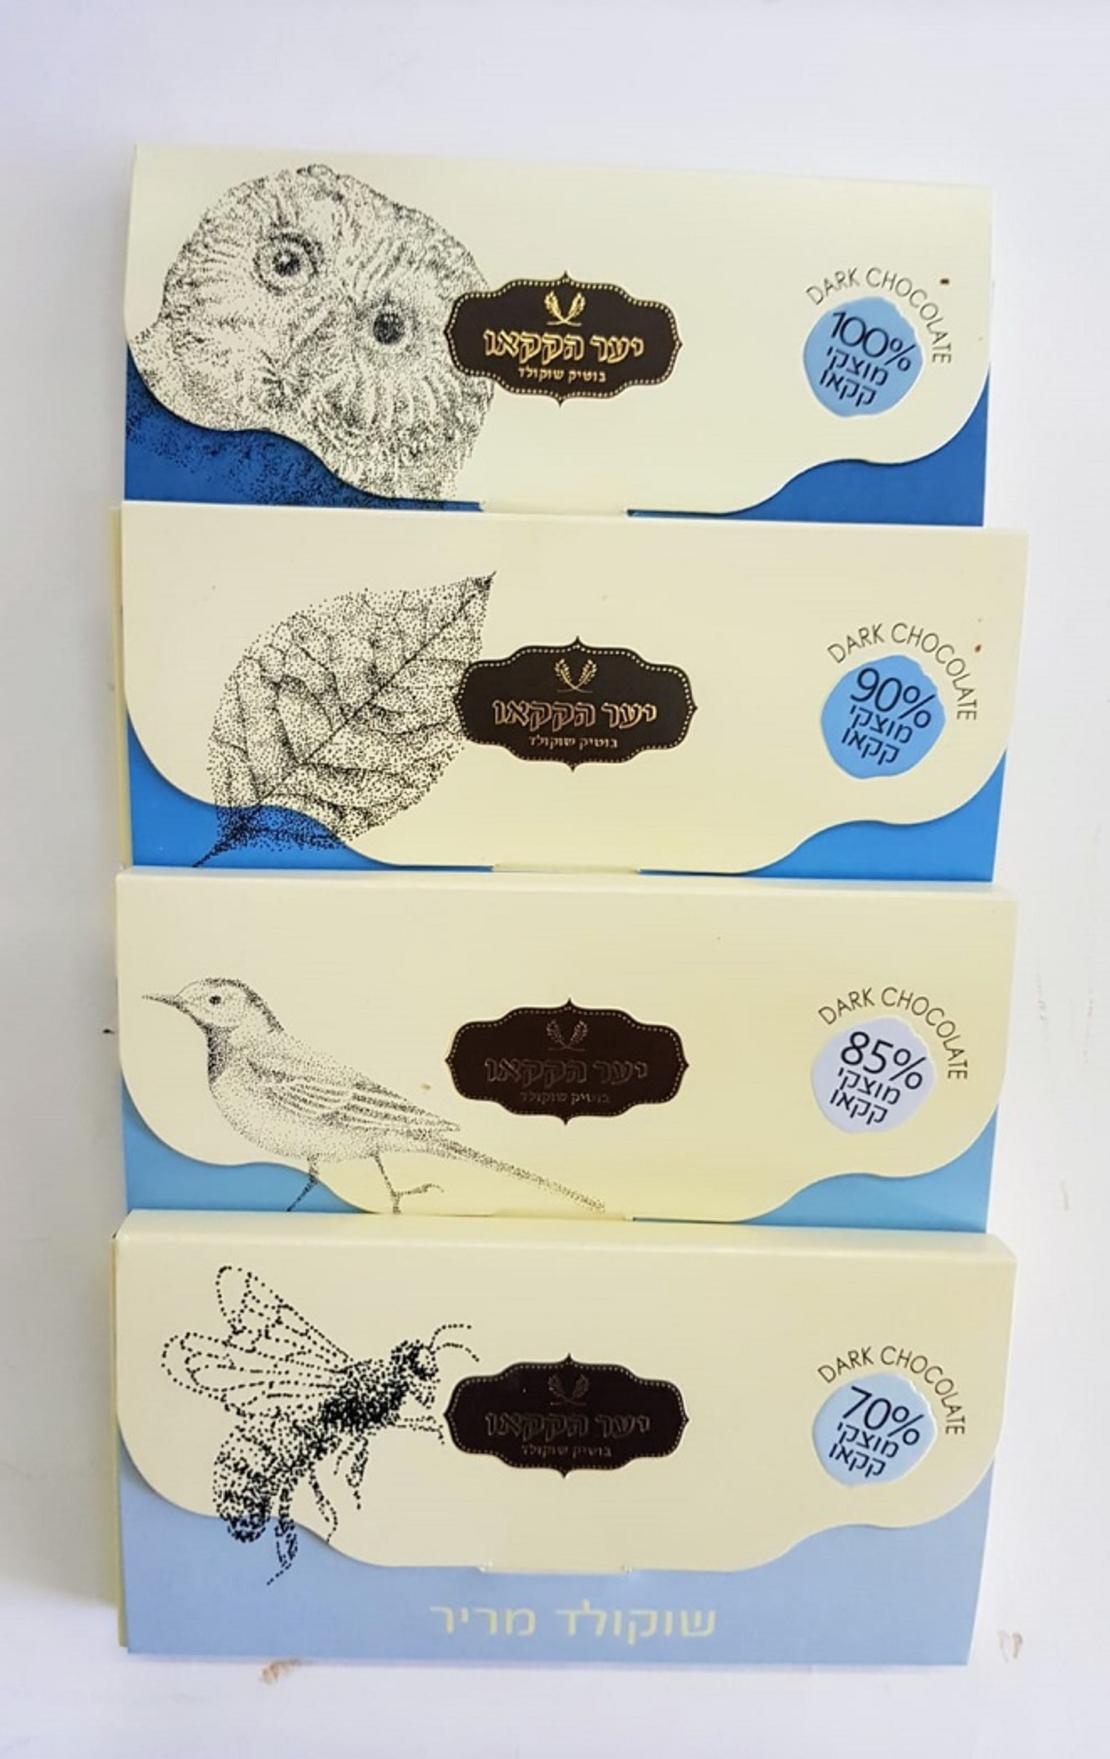 4 טבלאות שוקולד מריר מעולה ב44 במקום ב100!